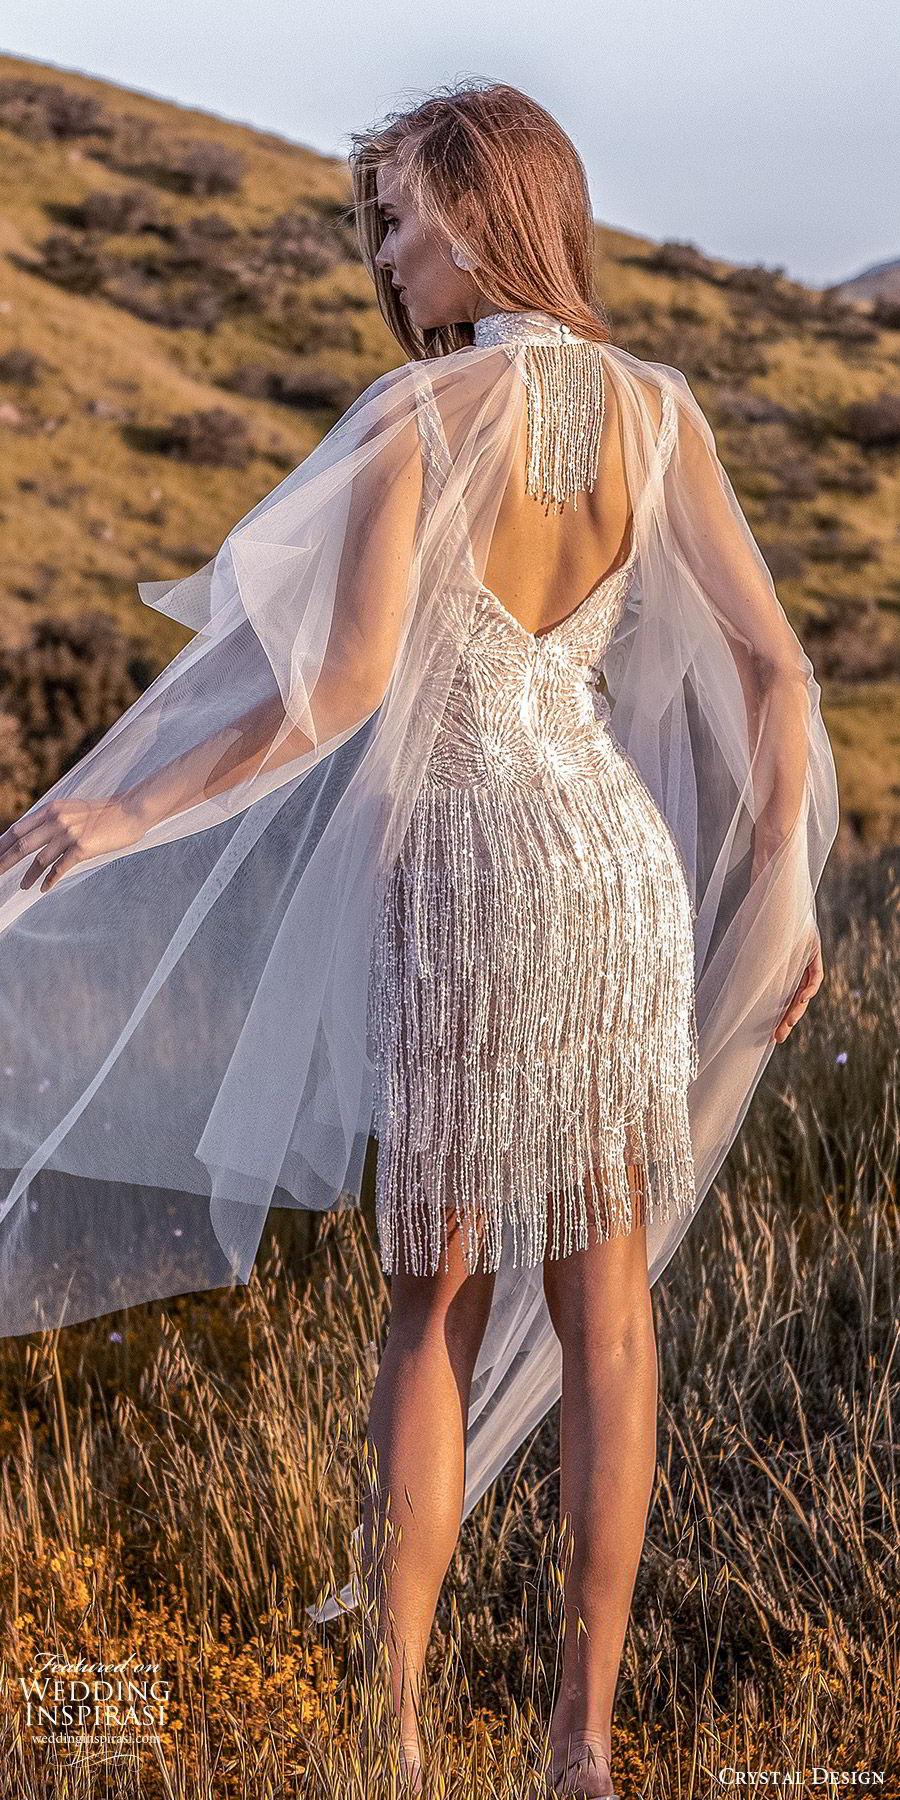 crystal design 2020 couture bridal sleeveless plunging v neckline fully embellished beaded fringe short wedding dress (9) glam high neck sheer cape bv